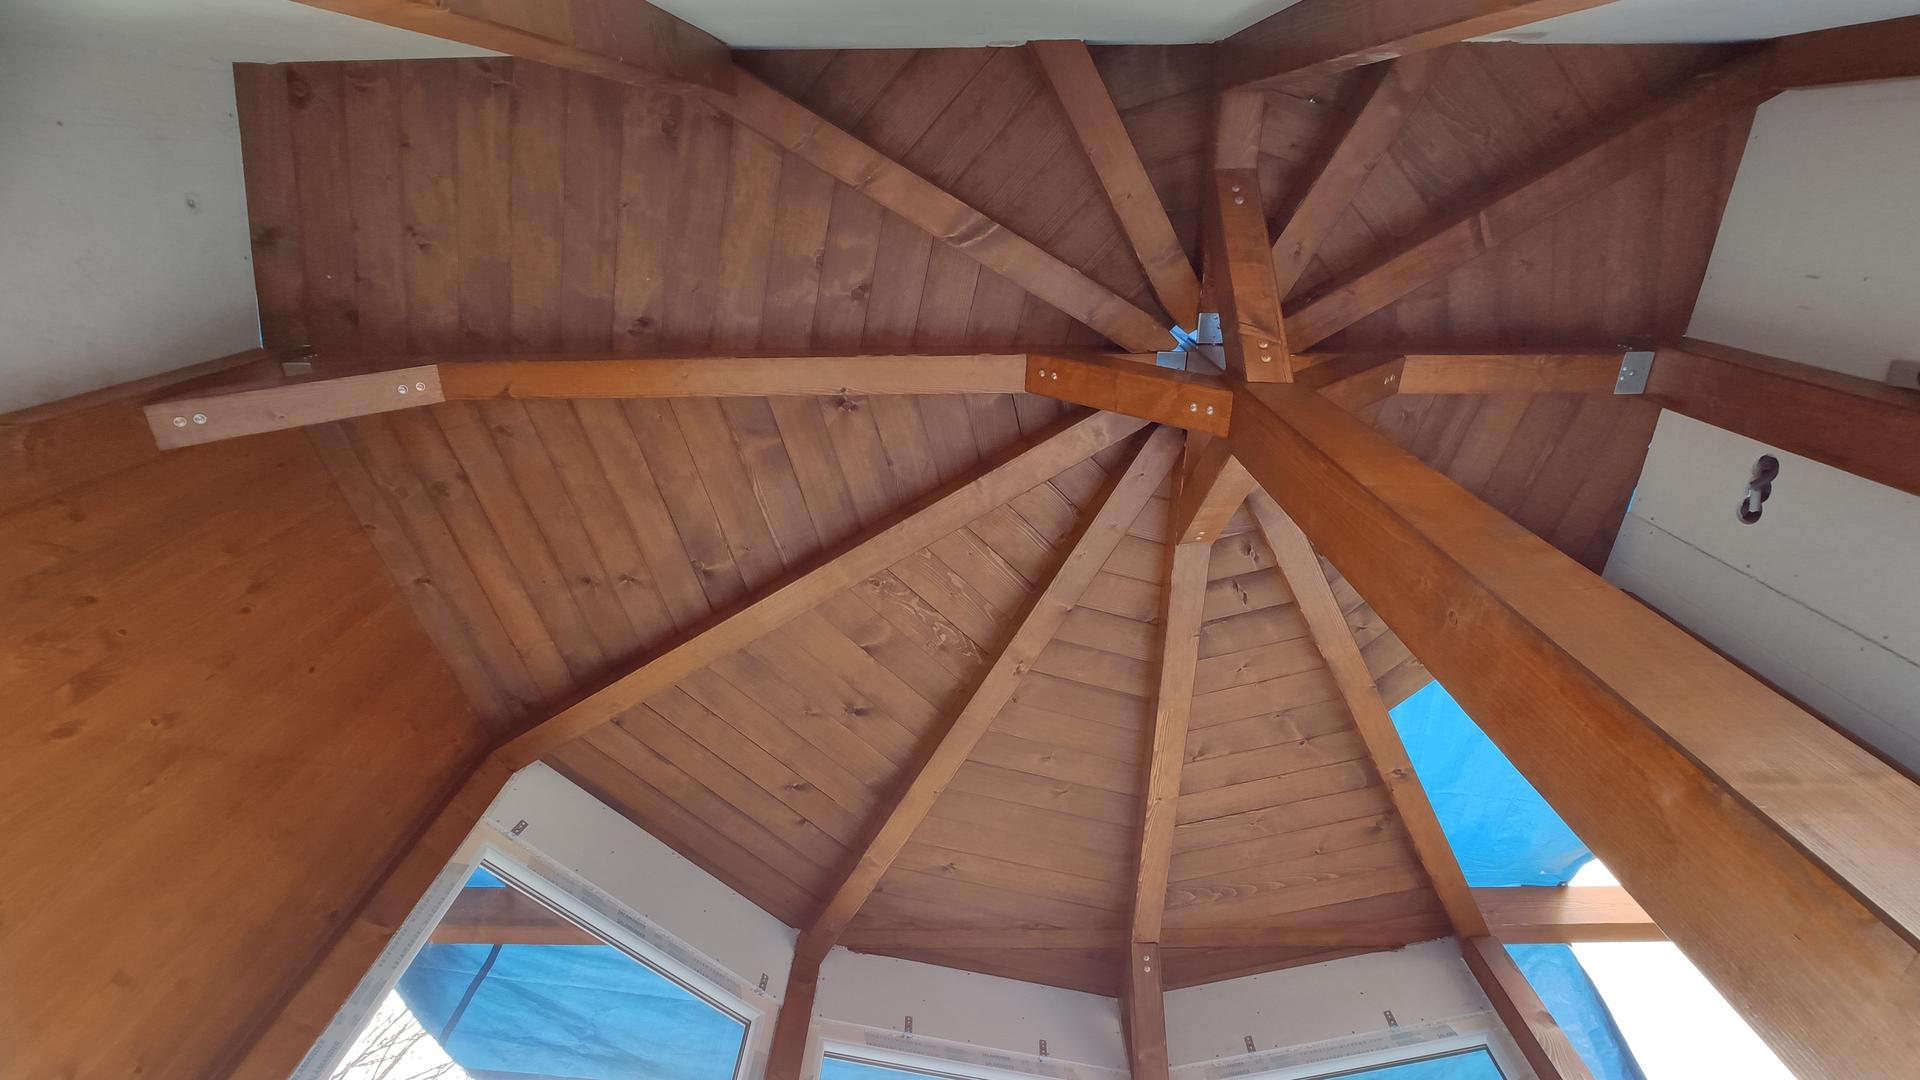 Relaxačný domček sauna a oddychová miestnosť ... plány, príprava a realizácia - Obrázok č. 92